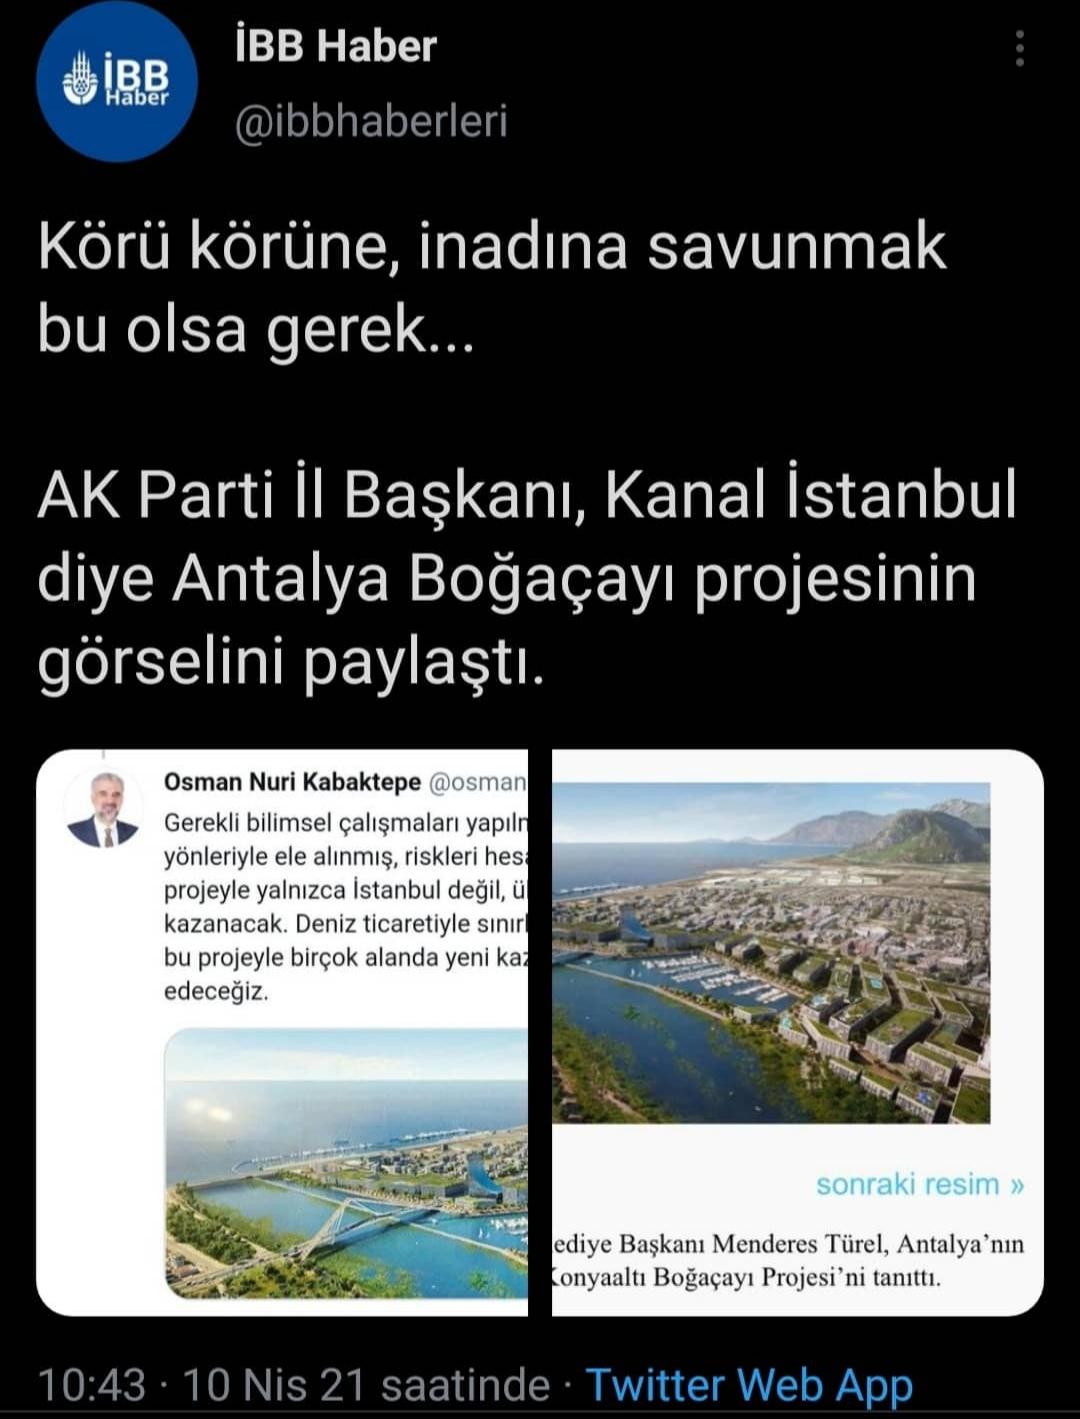 akp istanbul il başkanının alay konusu olan tweeti